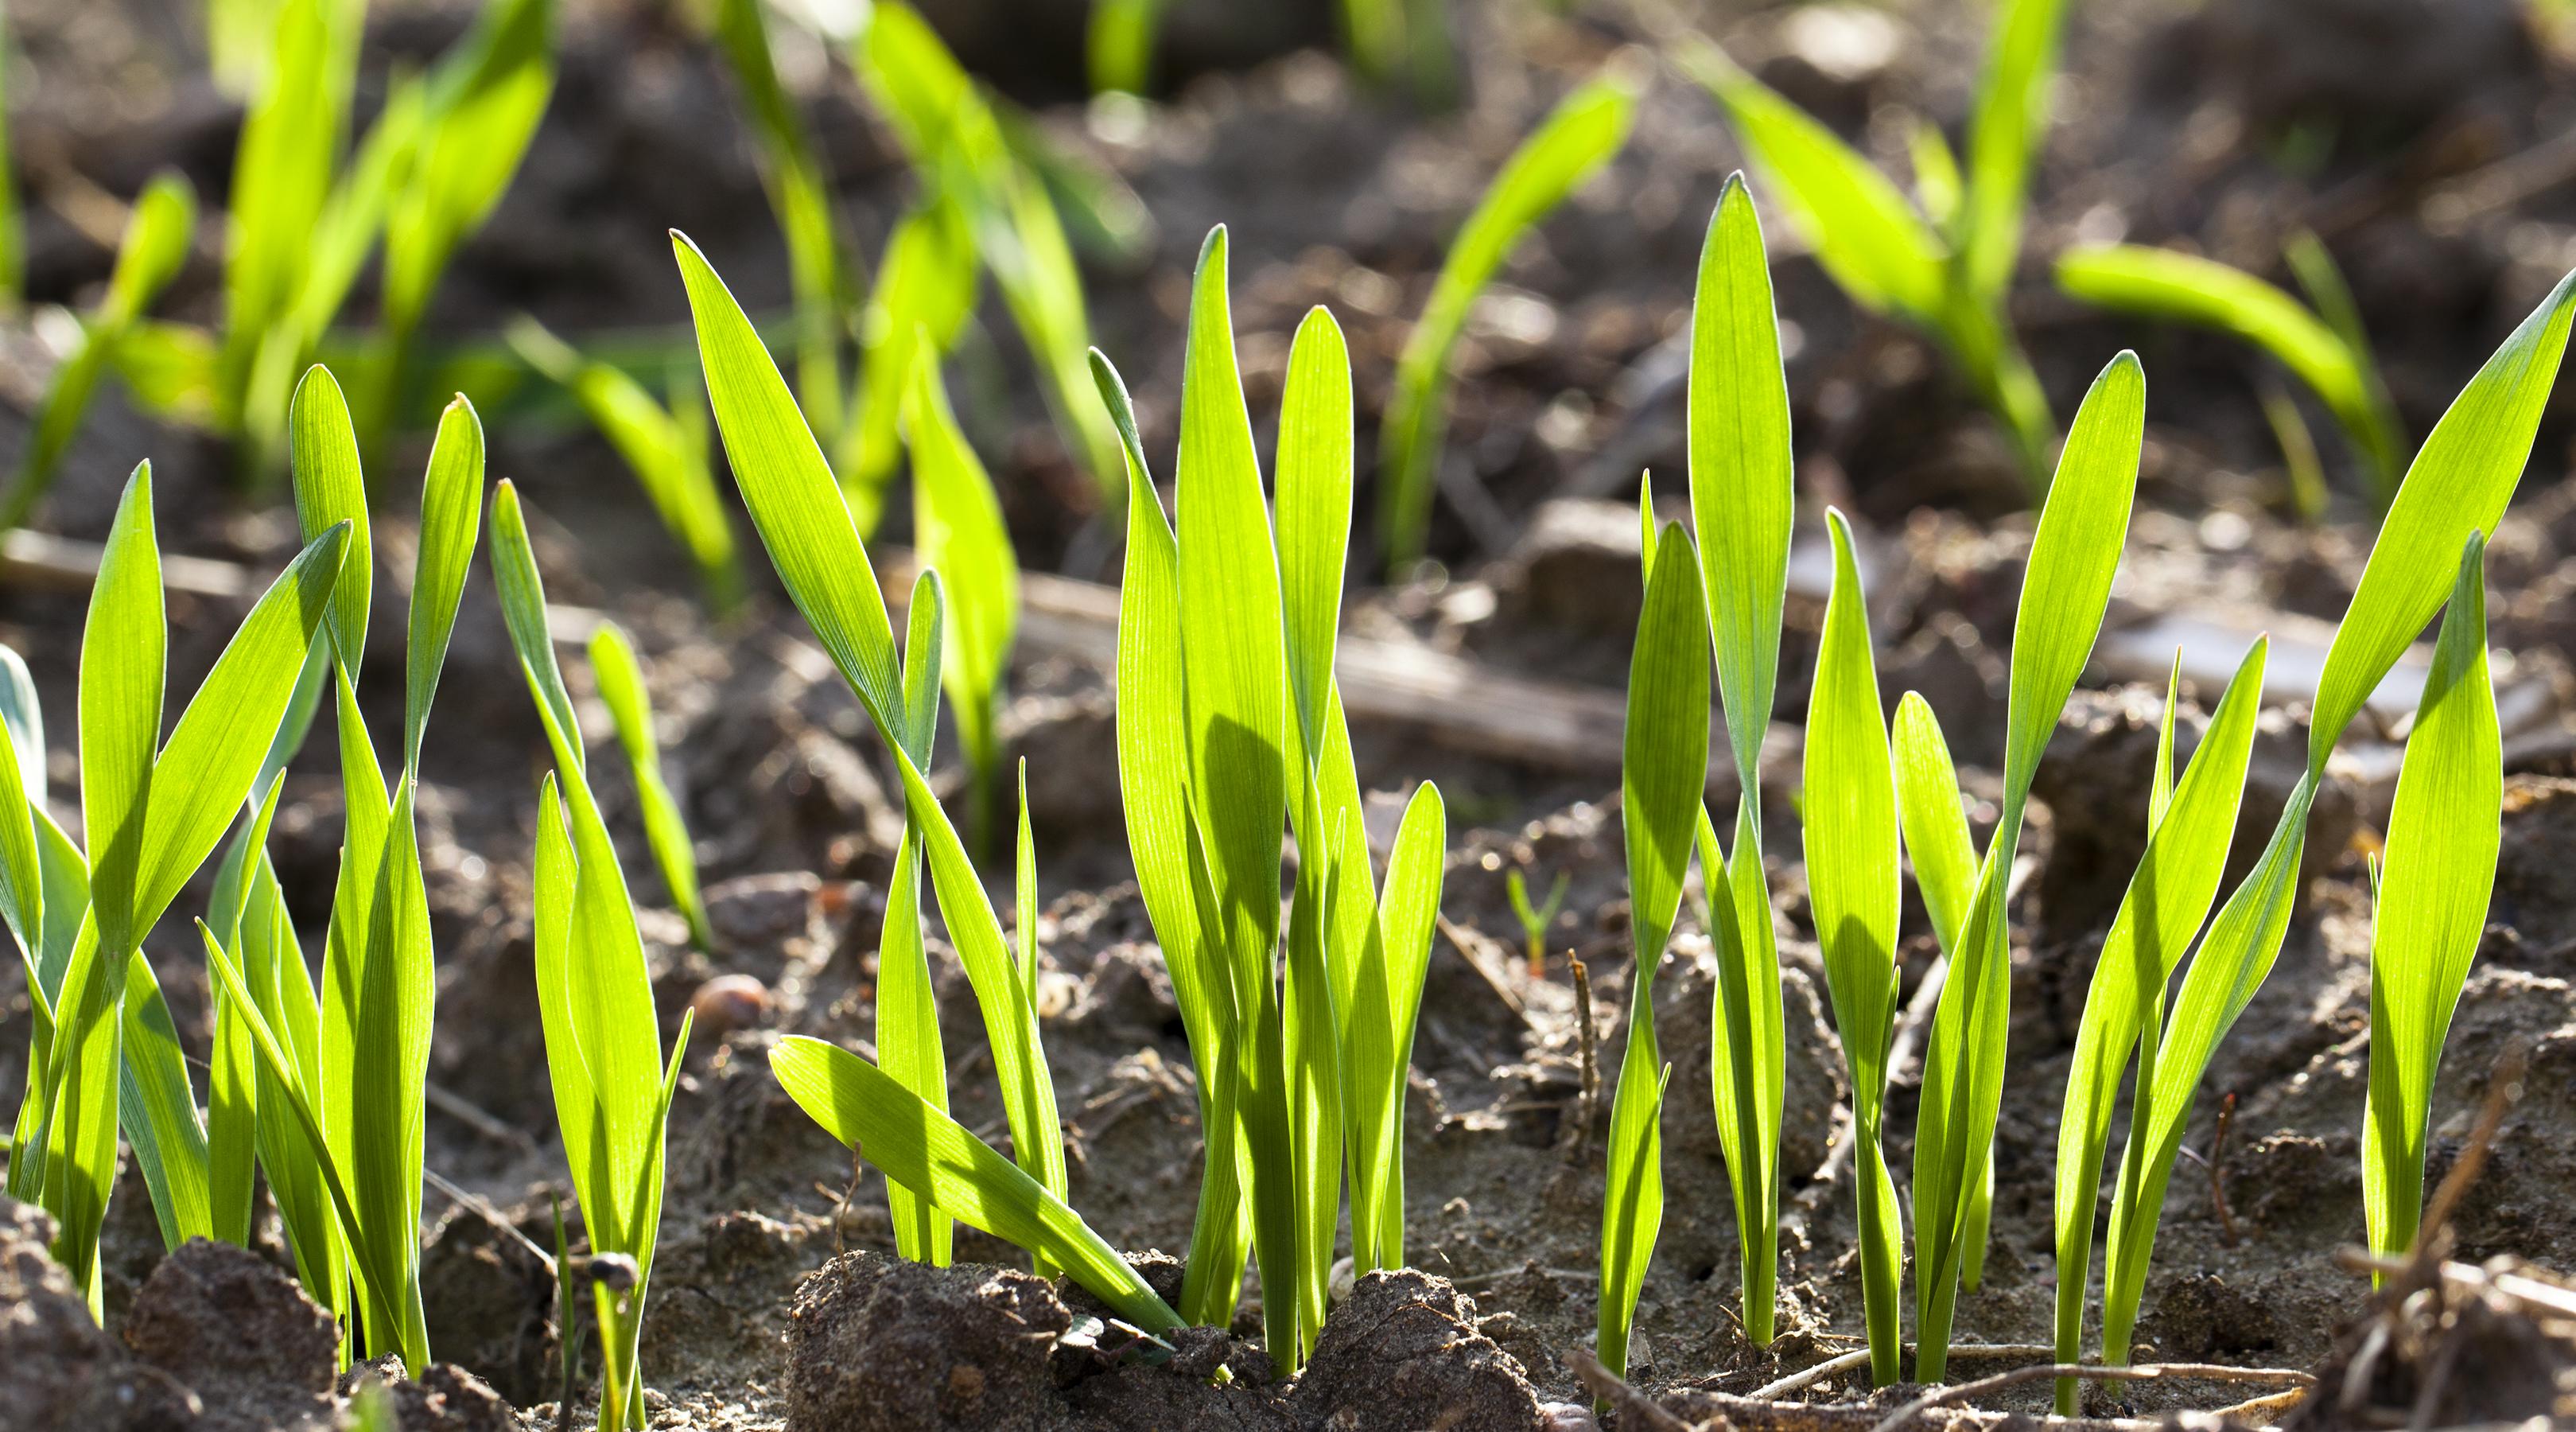 Primera fertilización nitrogenada, en el comienzo del crecimiento image